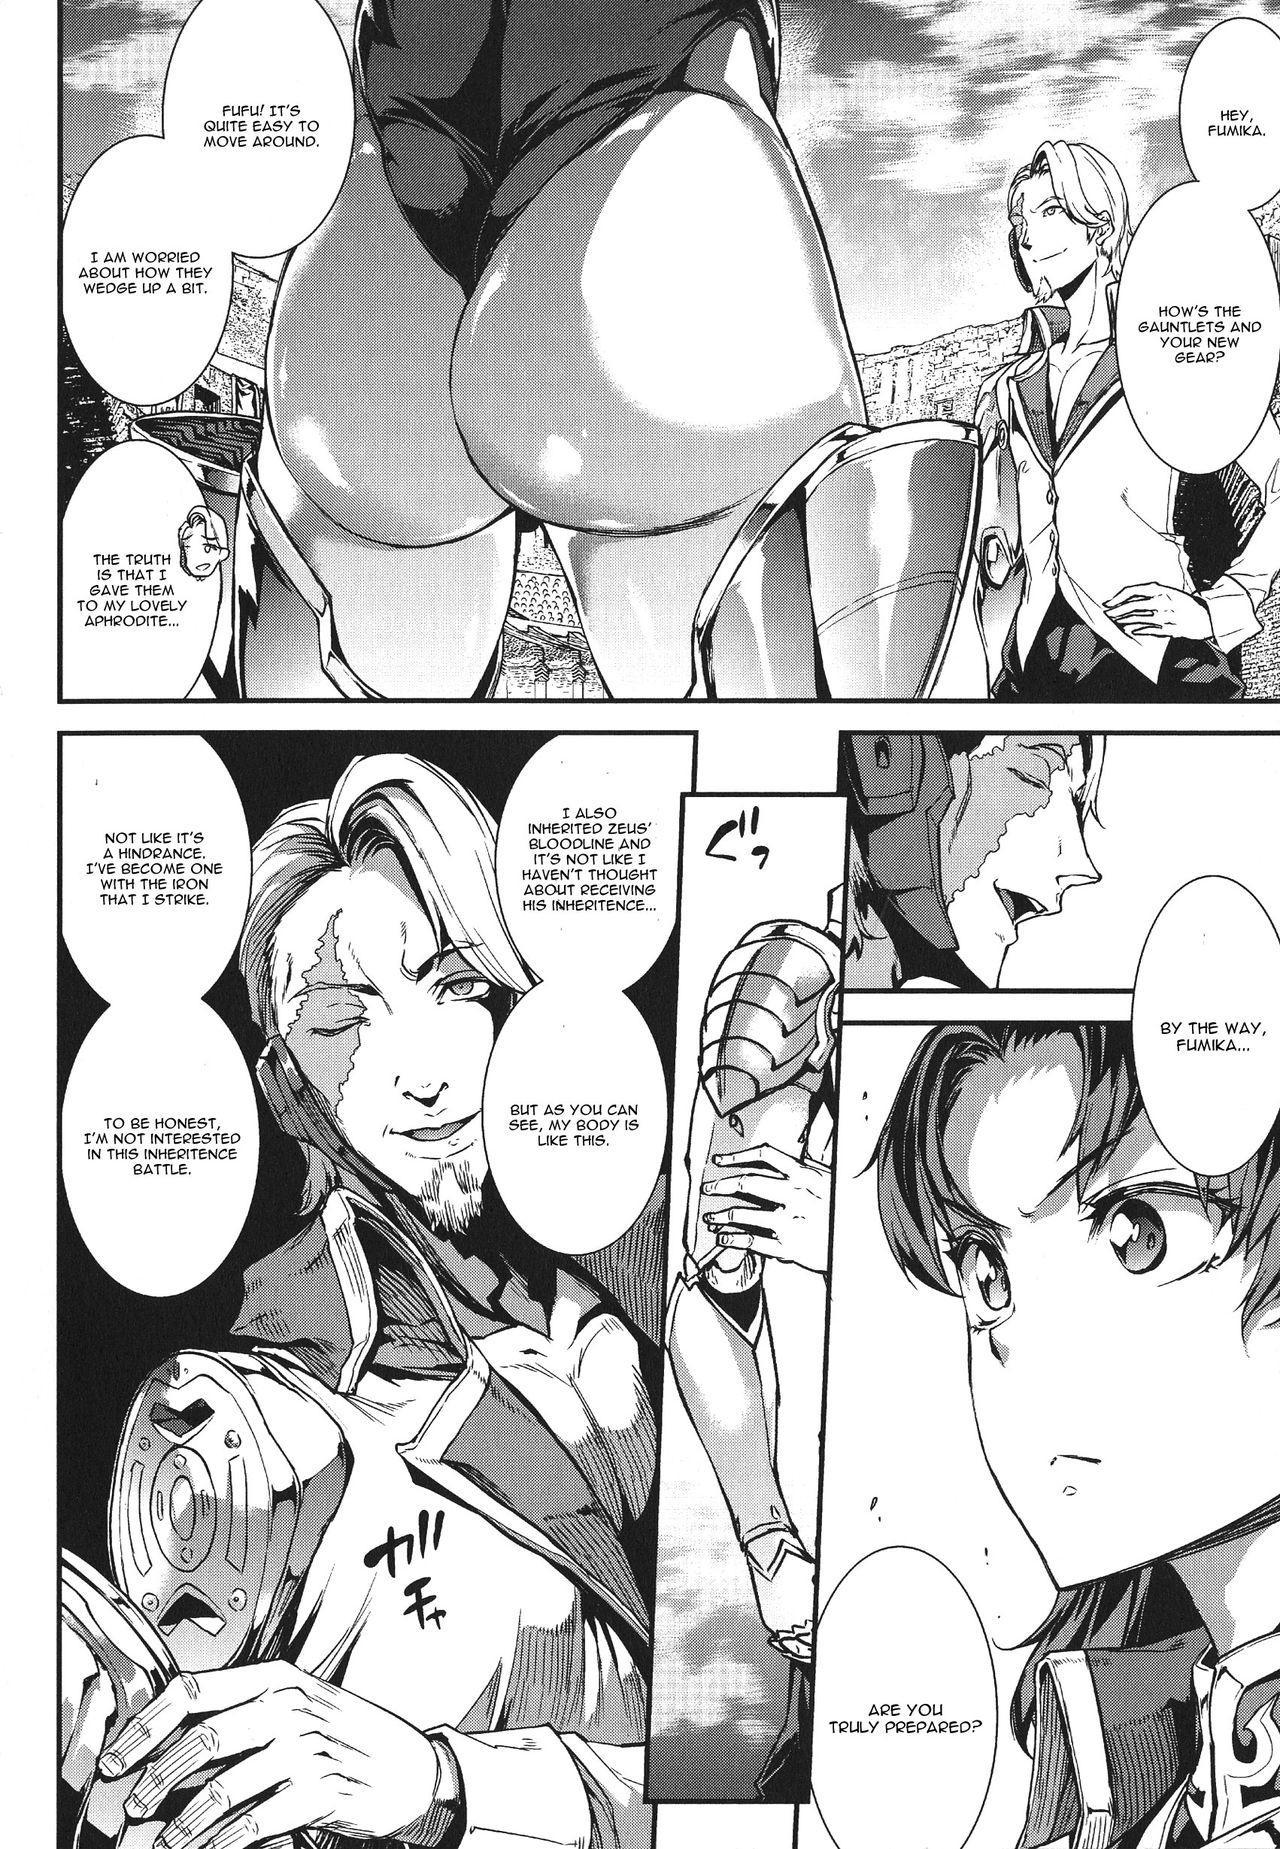 [Erect Sawaru] Raikou Shinki Igis Magia -PANDRA saga 3rd ignition- Ch. 1-5 [English] [CGrascal] 109